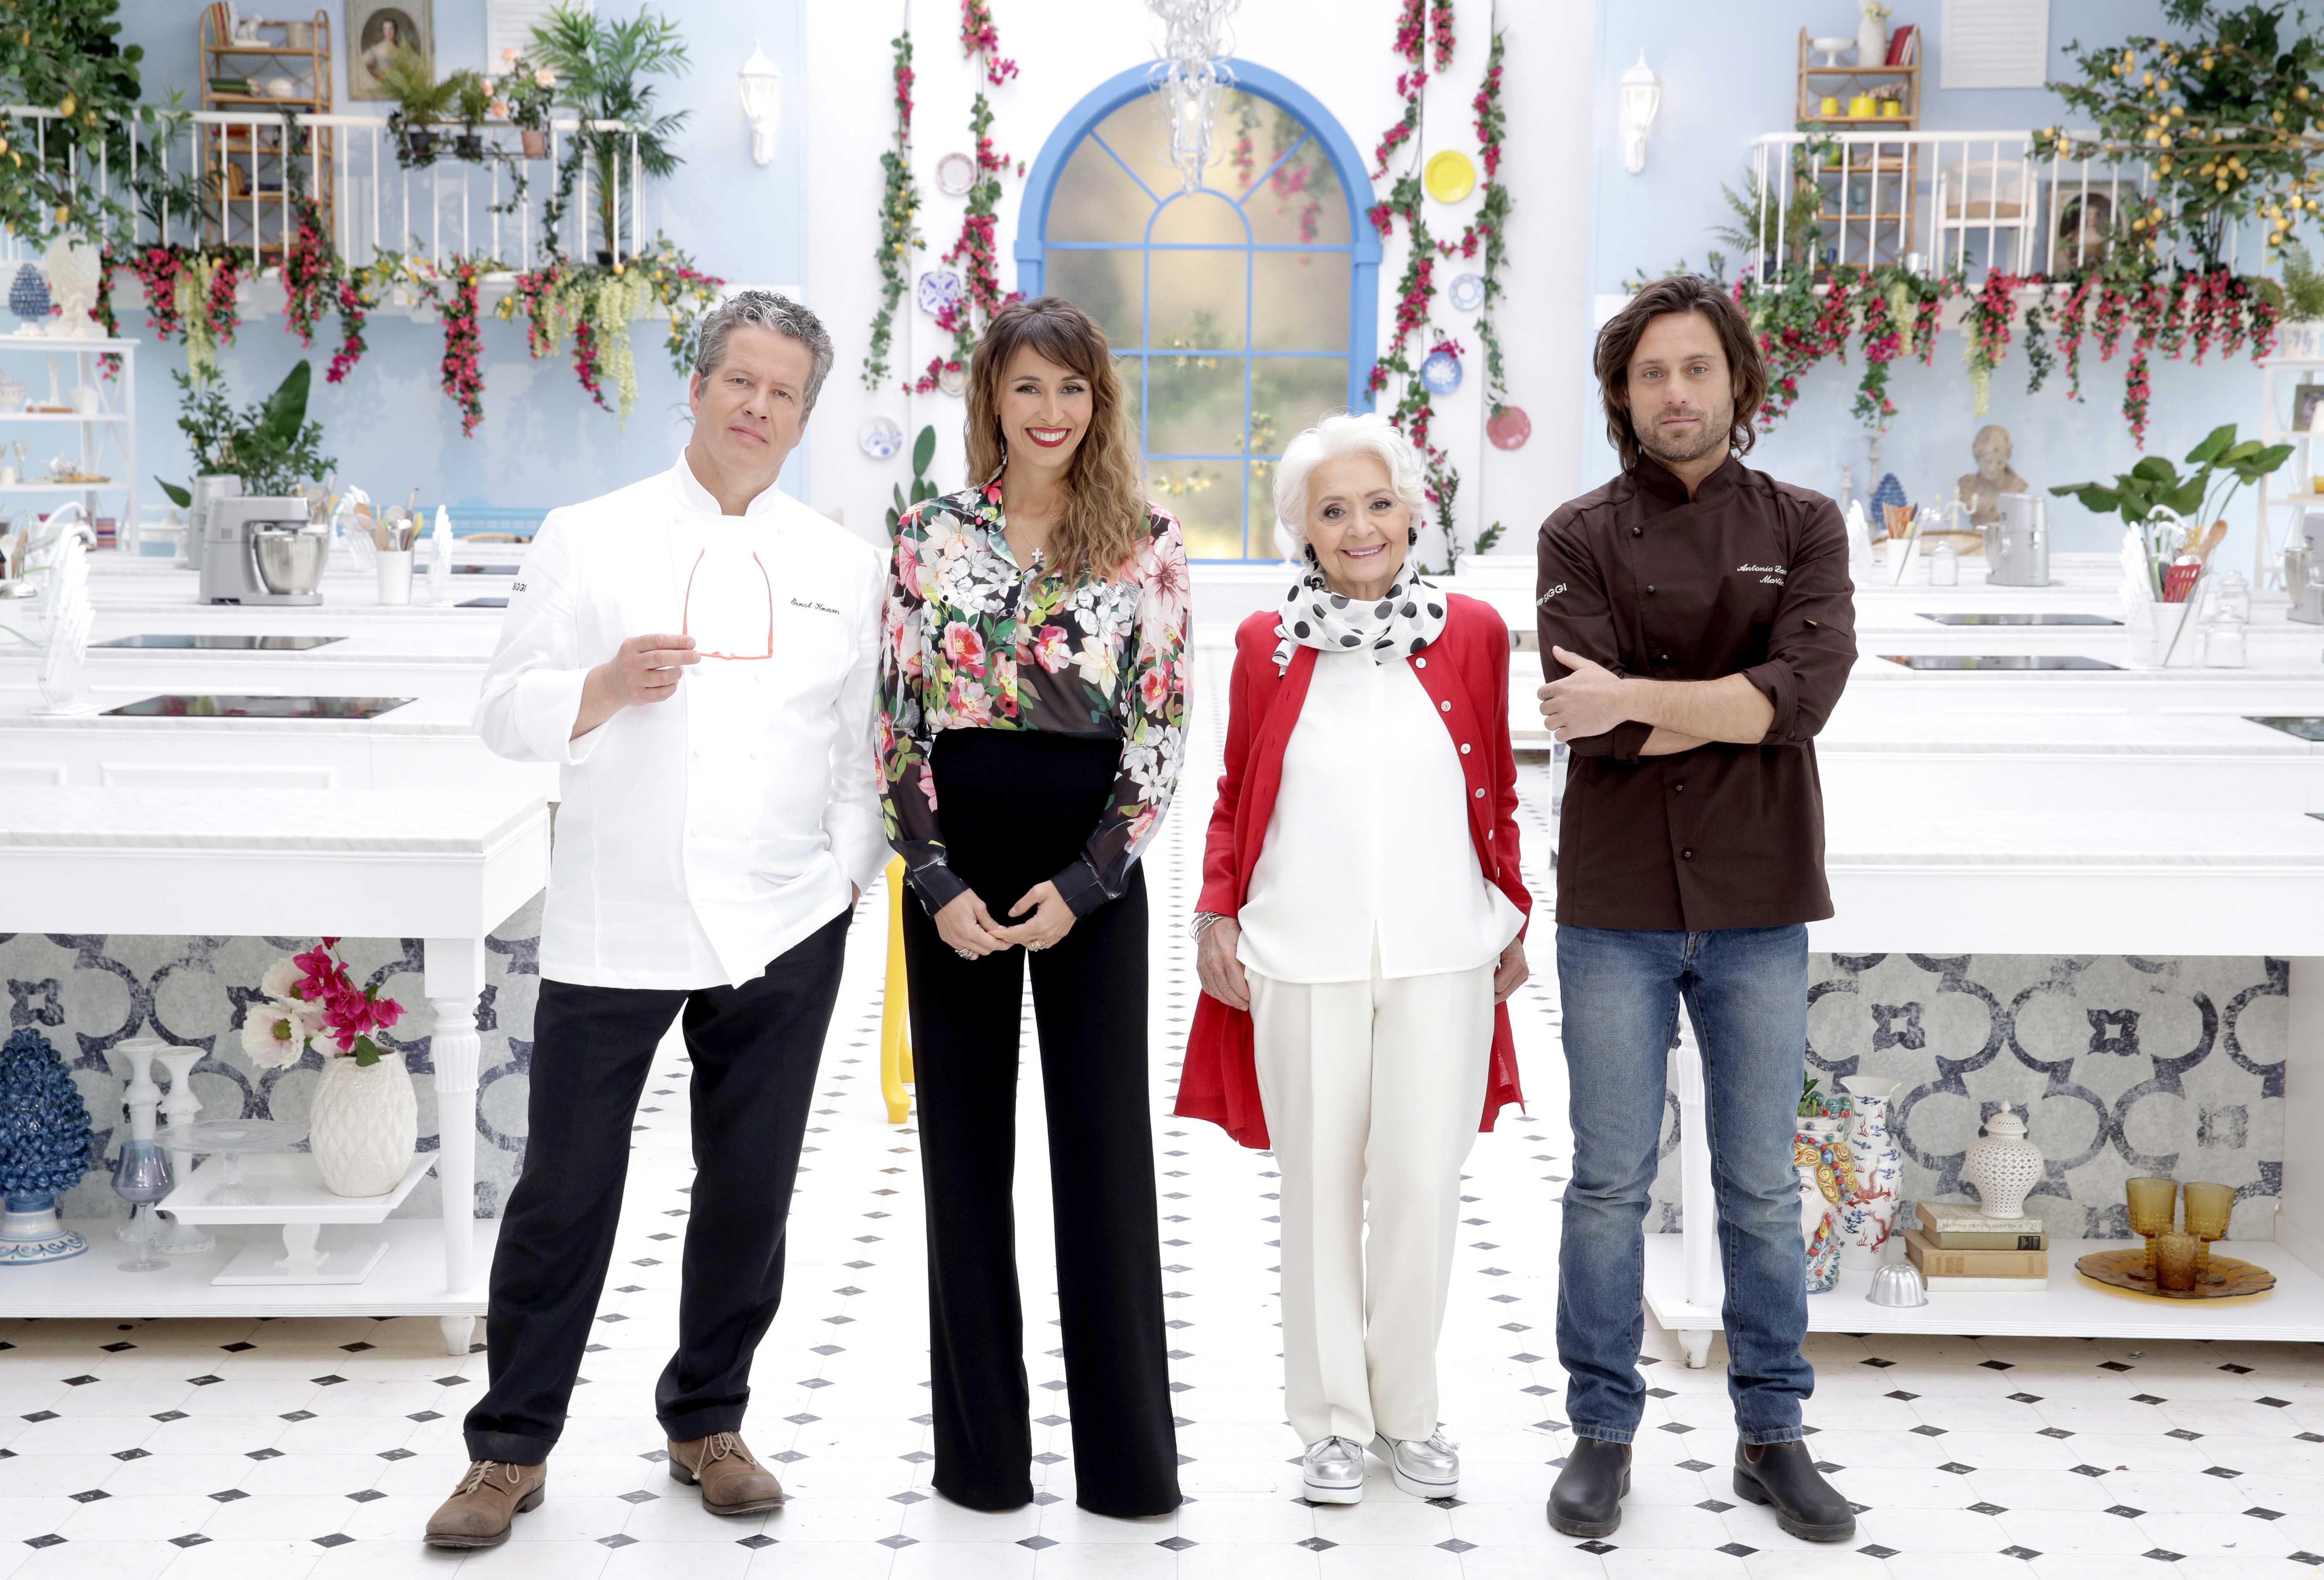 Bake Off Italia 4, puntate coi VIP e novità tra i giudici